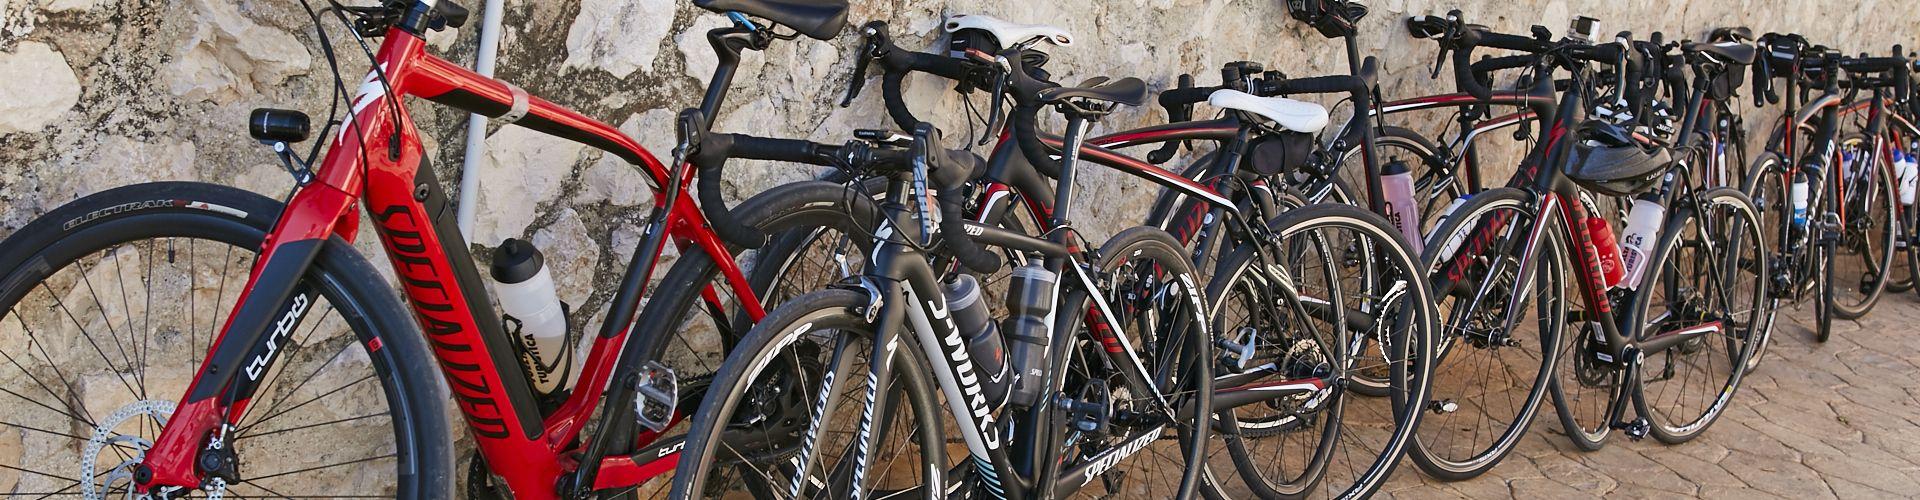 De fietsen tijdens een koffiestop